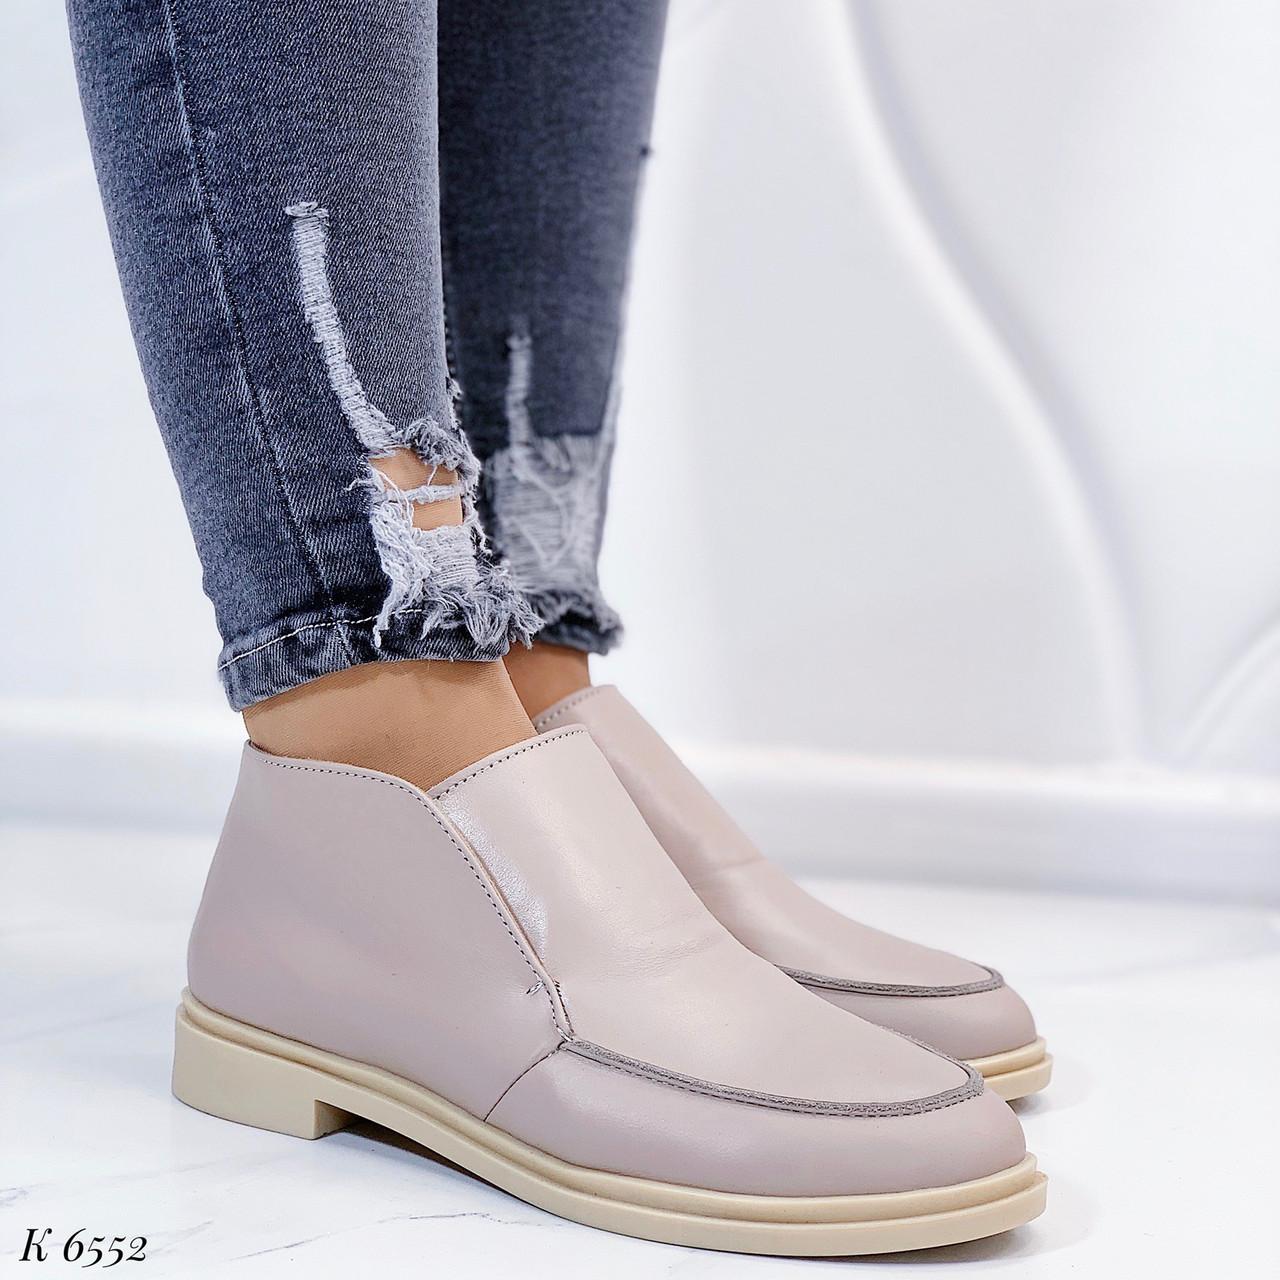 Женские ботинки / лоферы  бежевые натуральная кожа